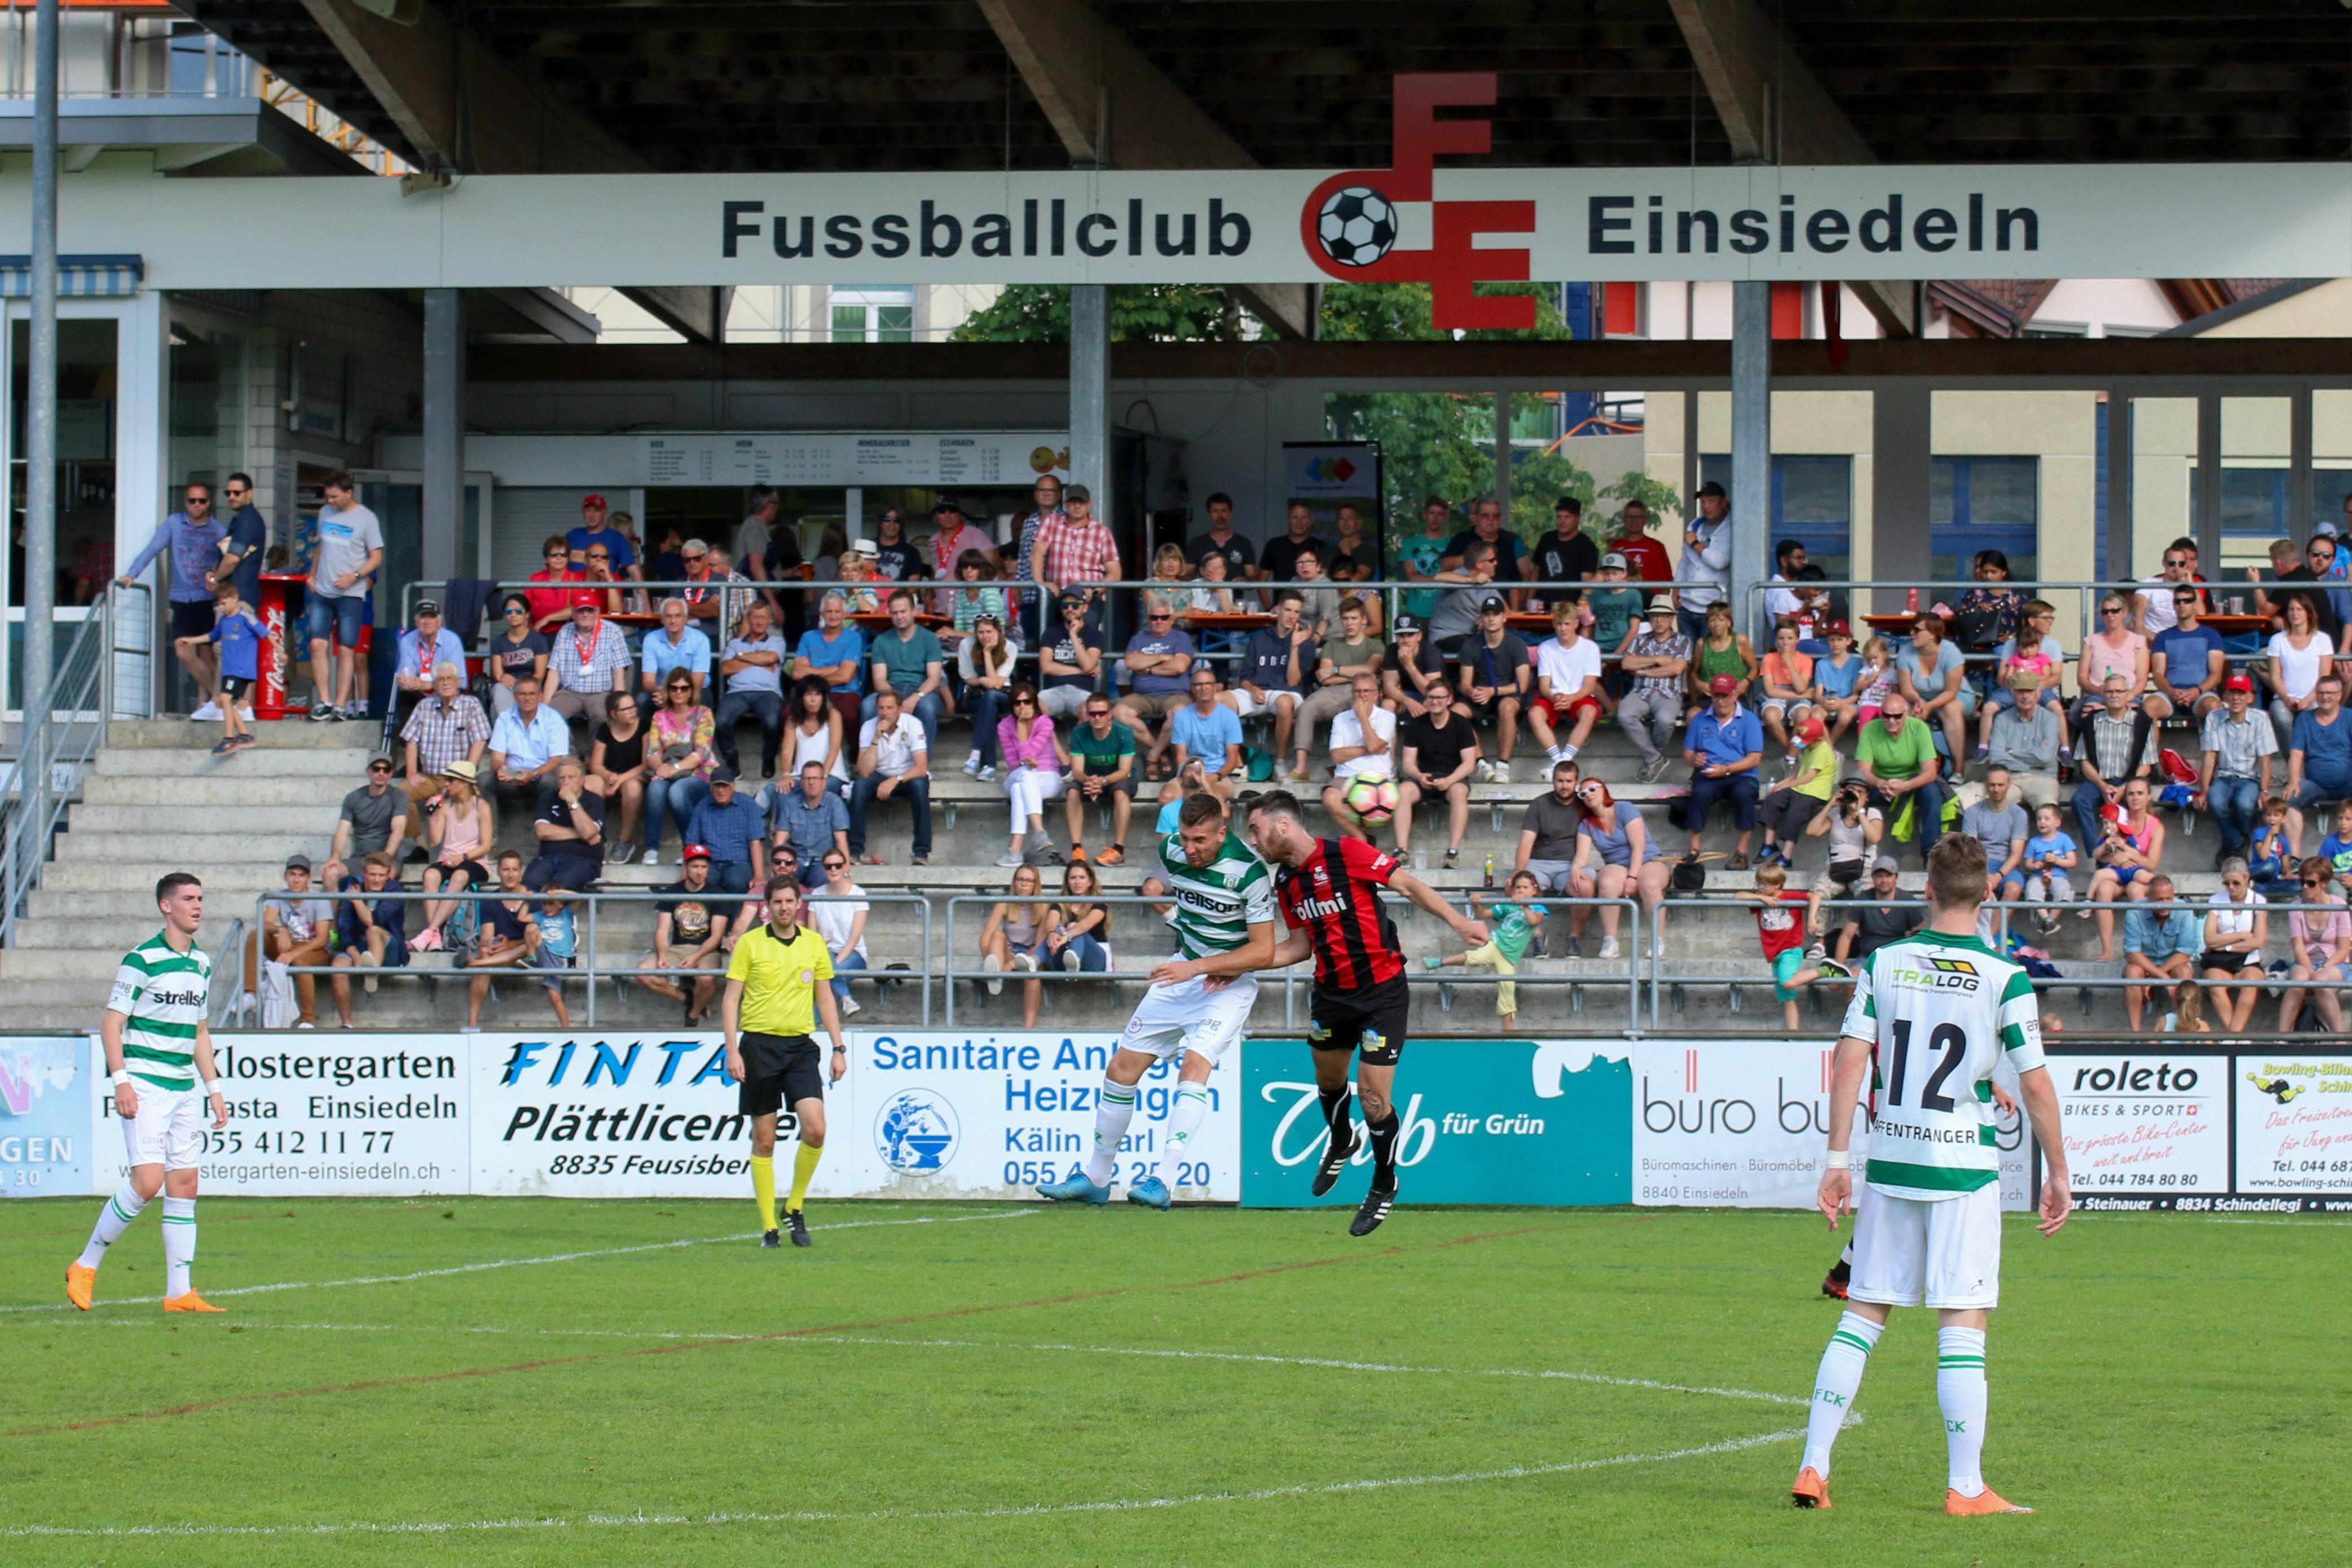 Zuschauerzahlen 2017 2018 Hafetschutter Kreuzlinger